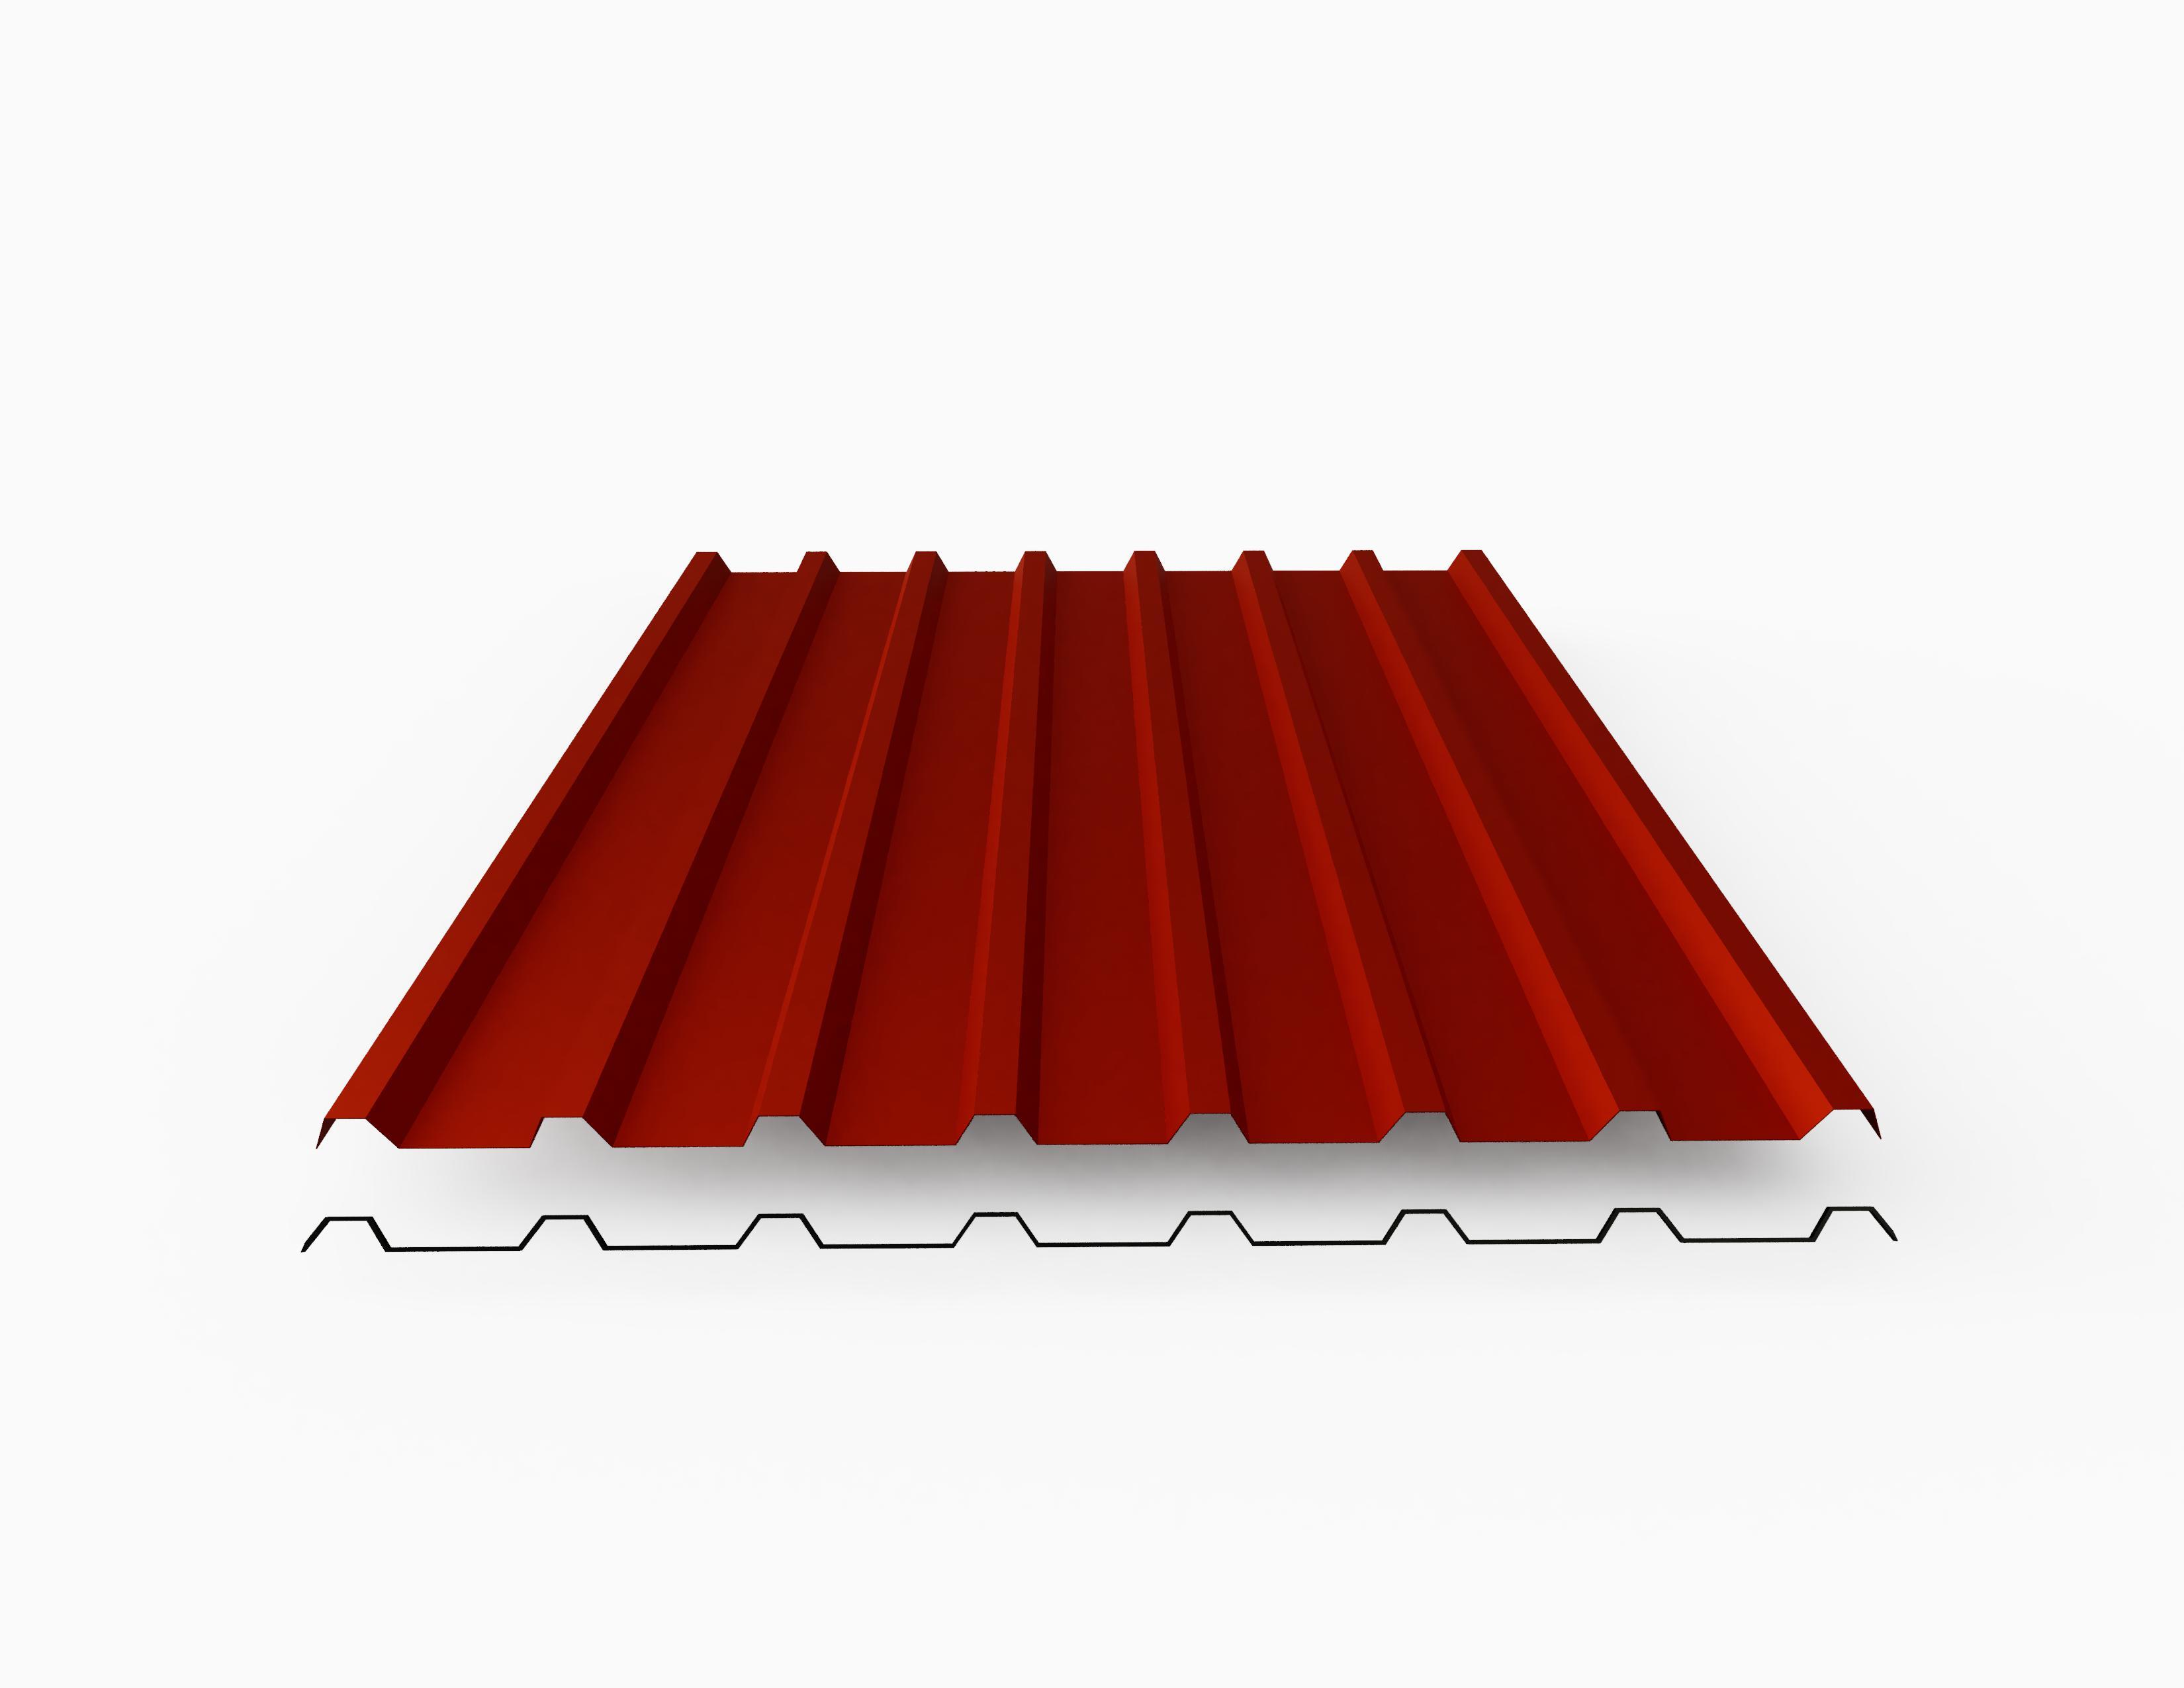 Profilblech Beschichtung 25 /µm St/ärke 0,70 mm Trapezblech Farbe Wei/ßaluminium Material Aluminium Dachblech Profil PA35//1035TR